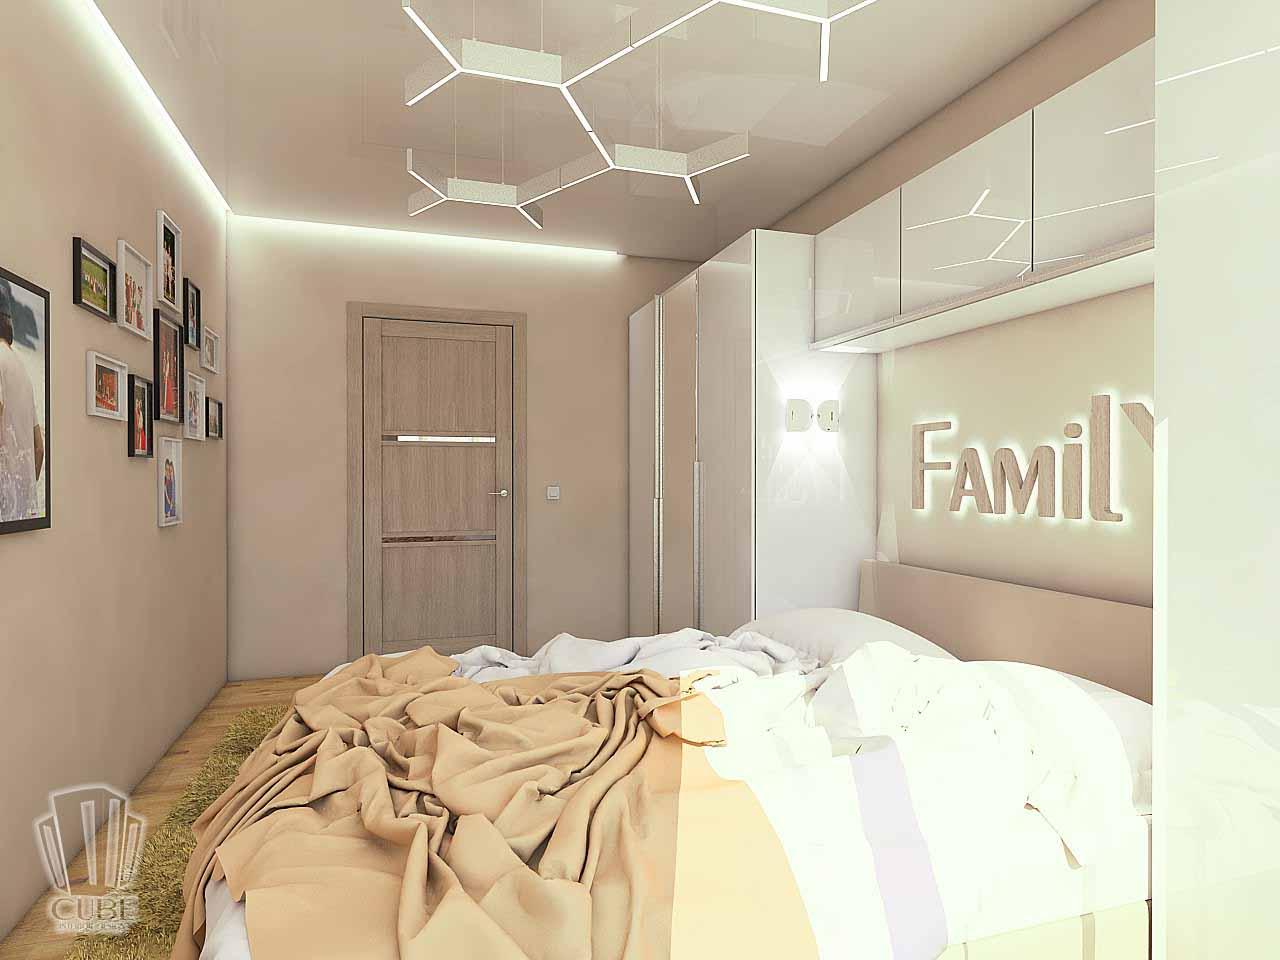 Дизайн интерьера в Тюмени м-н Преображенский Яркая квартира для друзей (4)